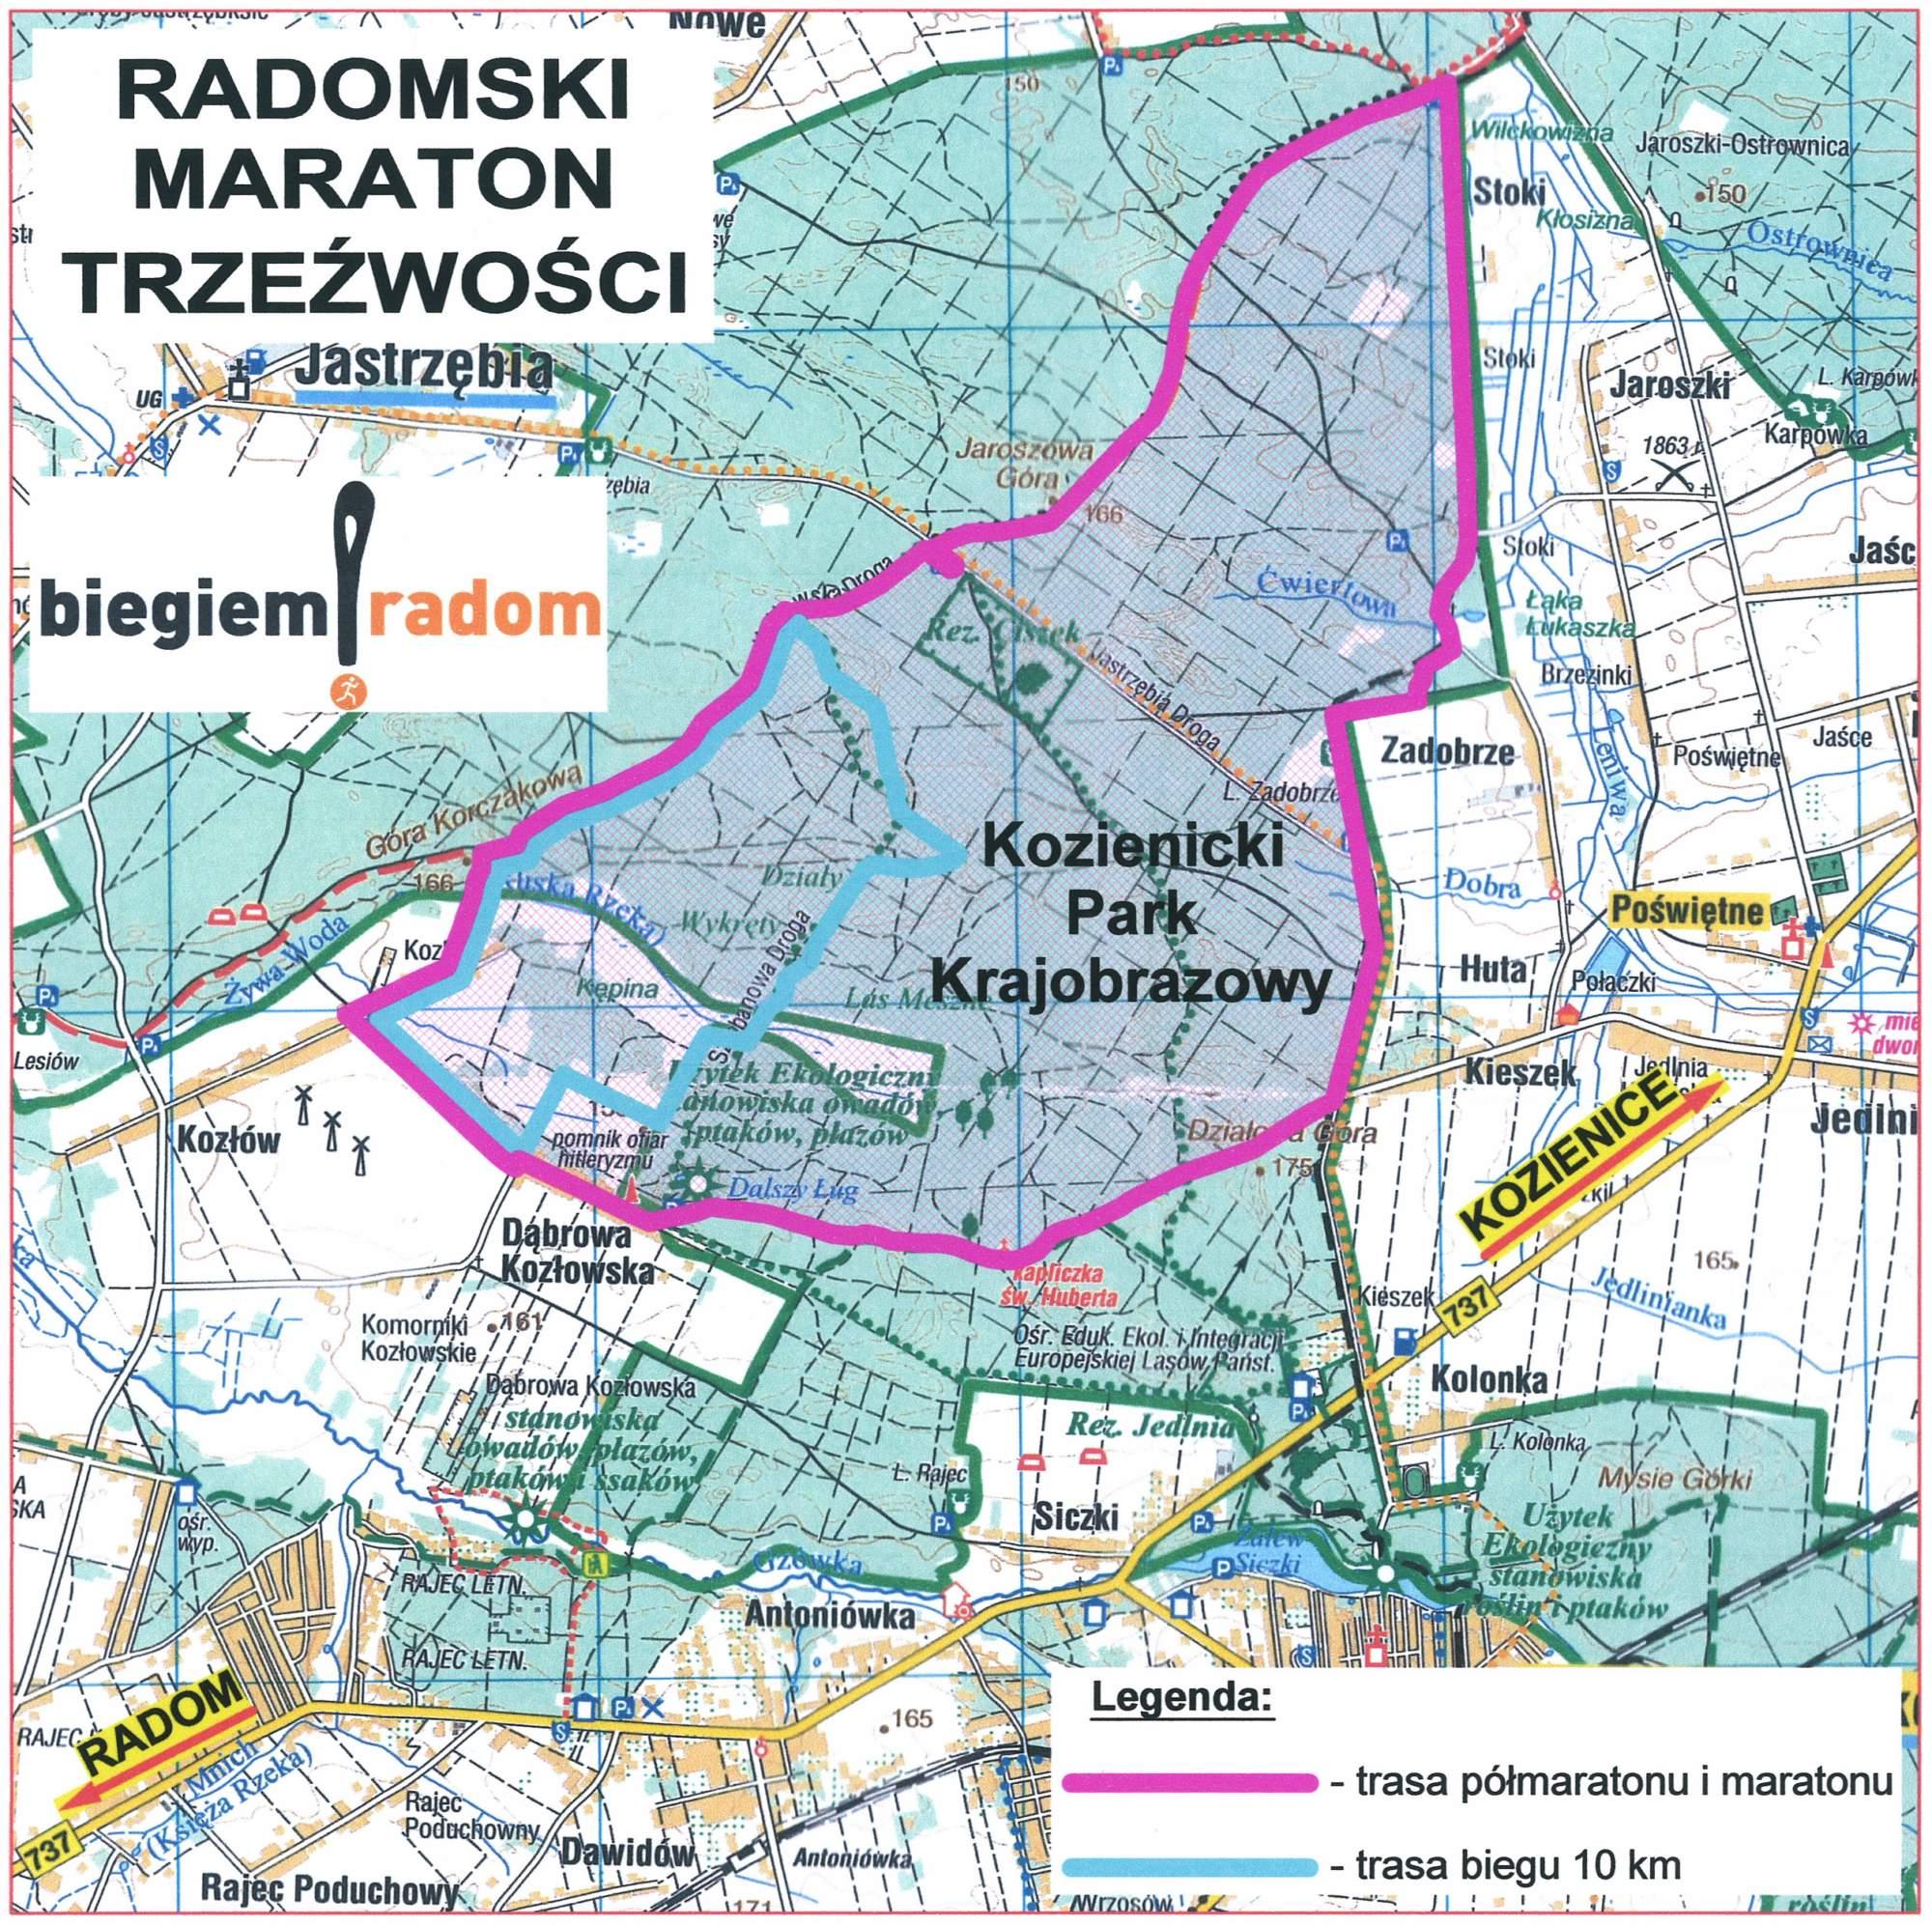 TRASA-MARATONU-TRZEZWOSCI-10KM-2017